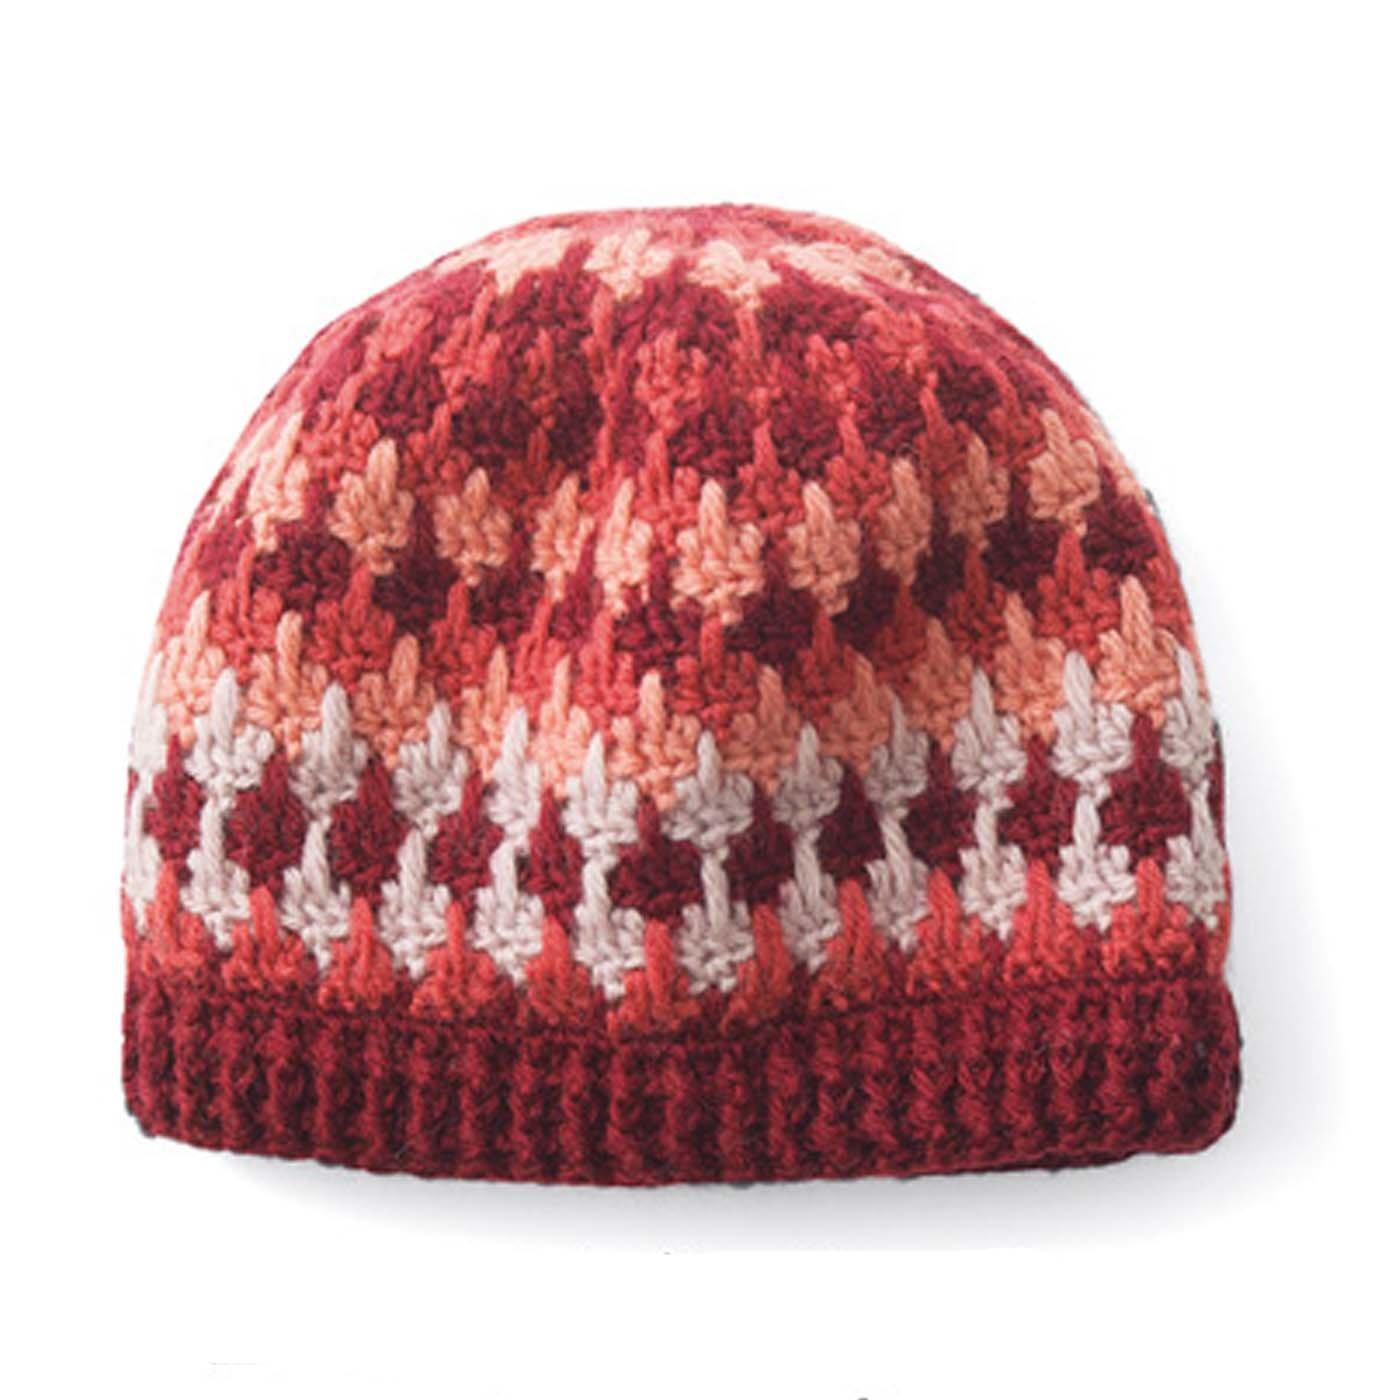 模様編みパターンを楽しむ レトロ風かぎ針編みニット帽子